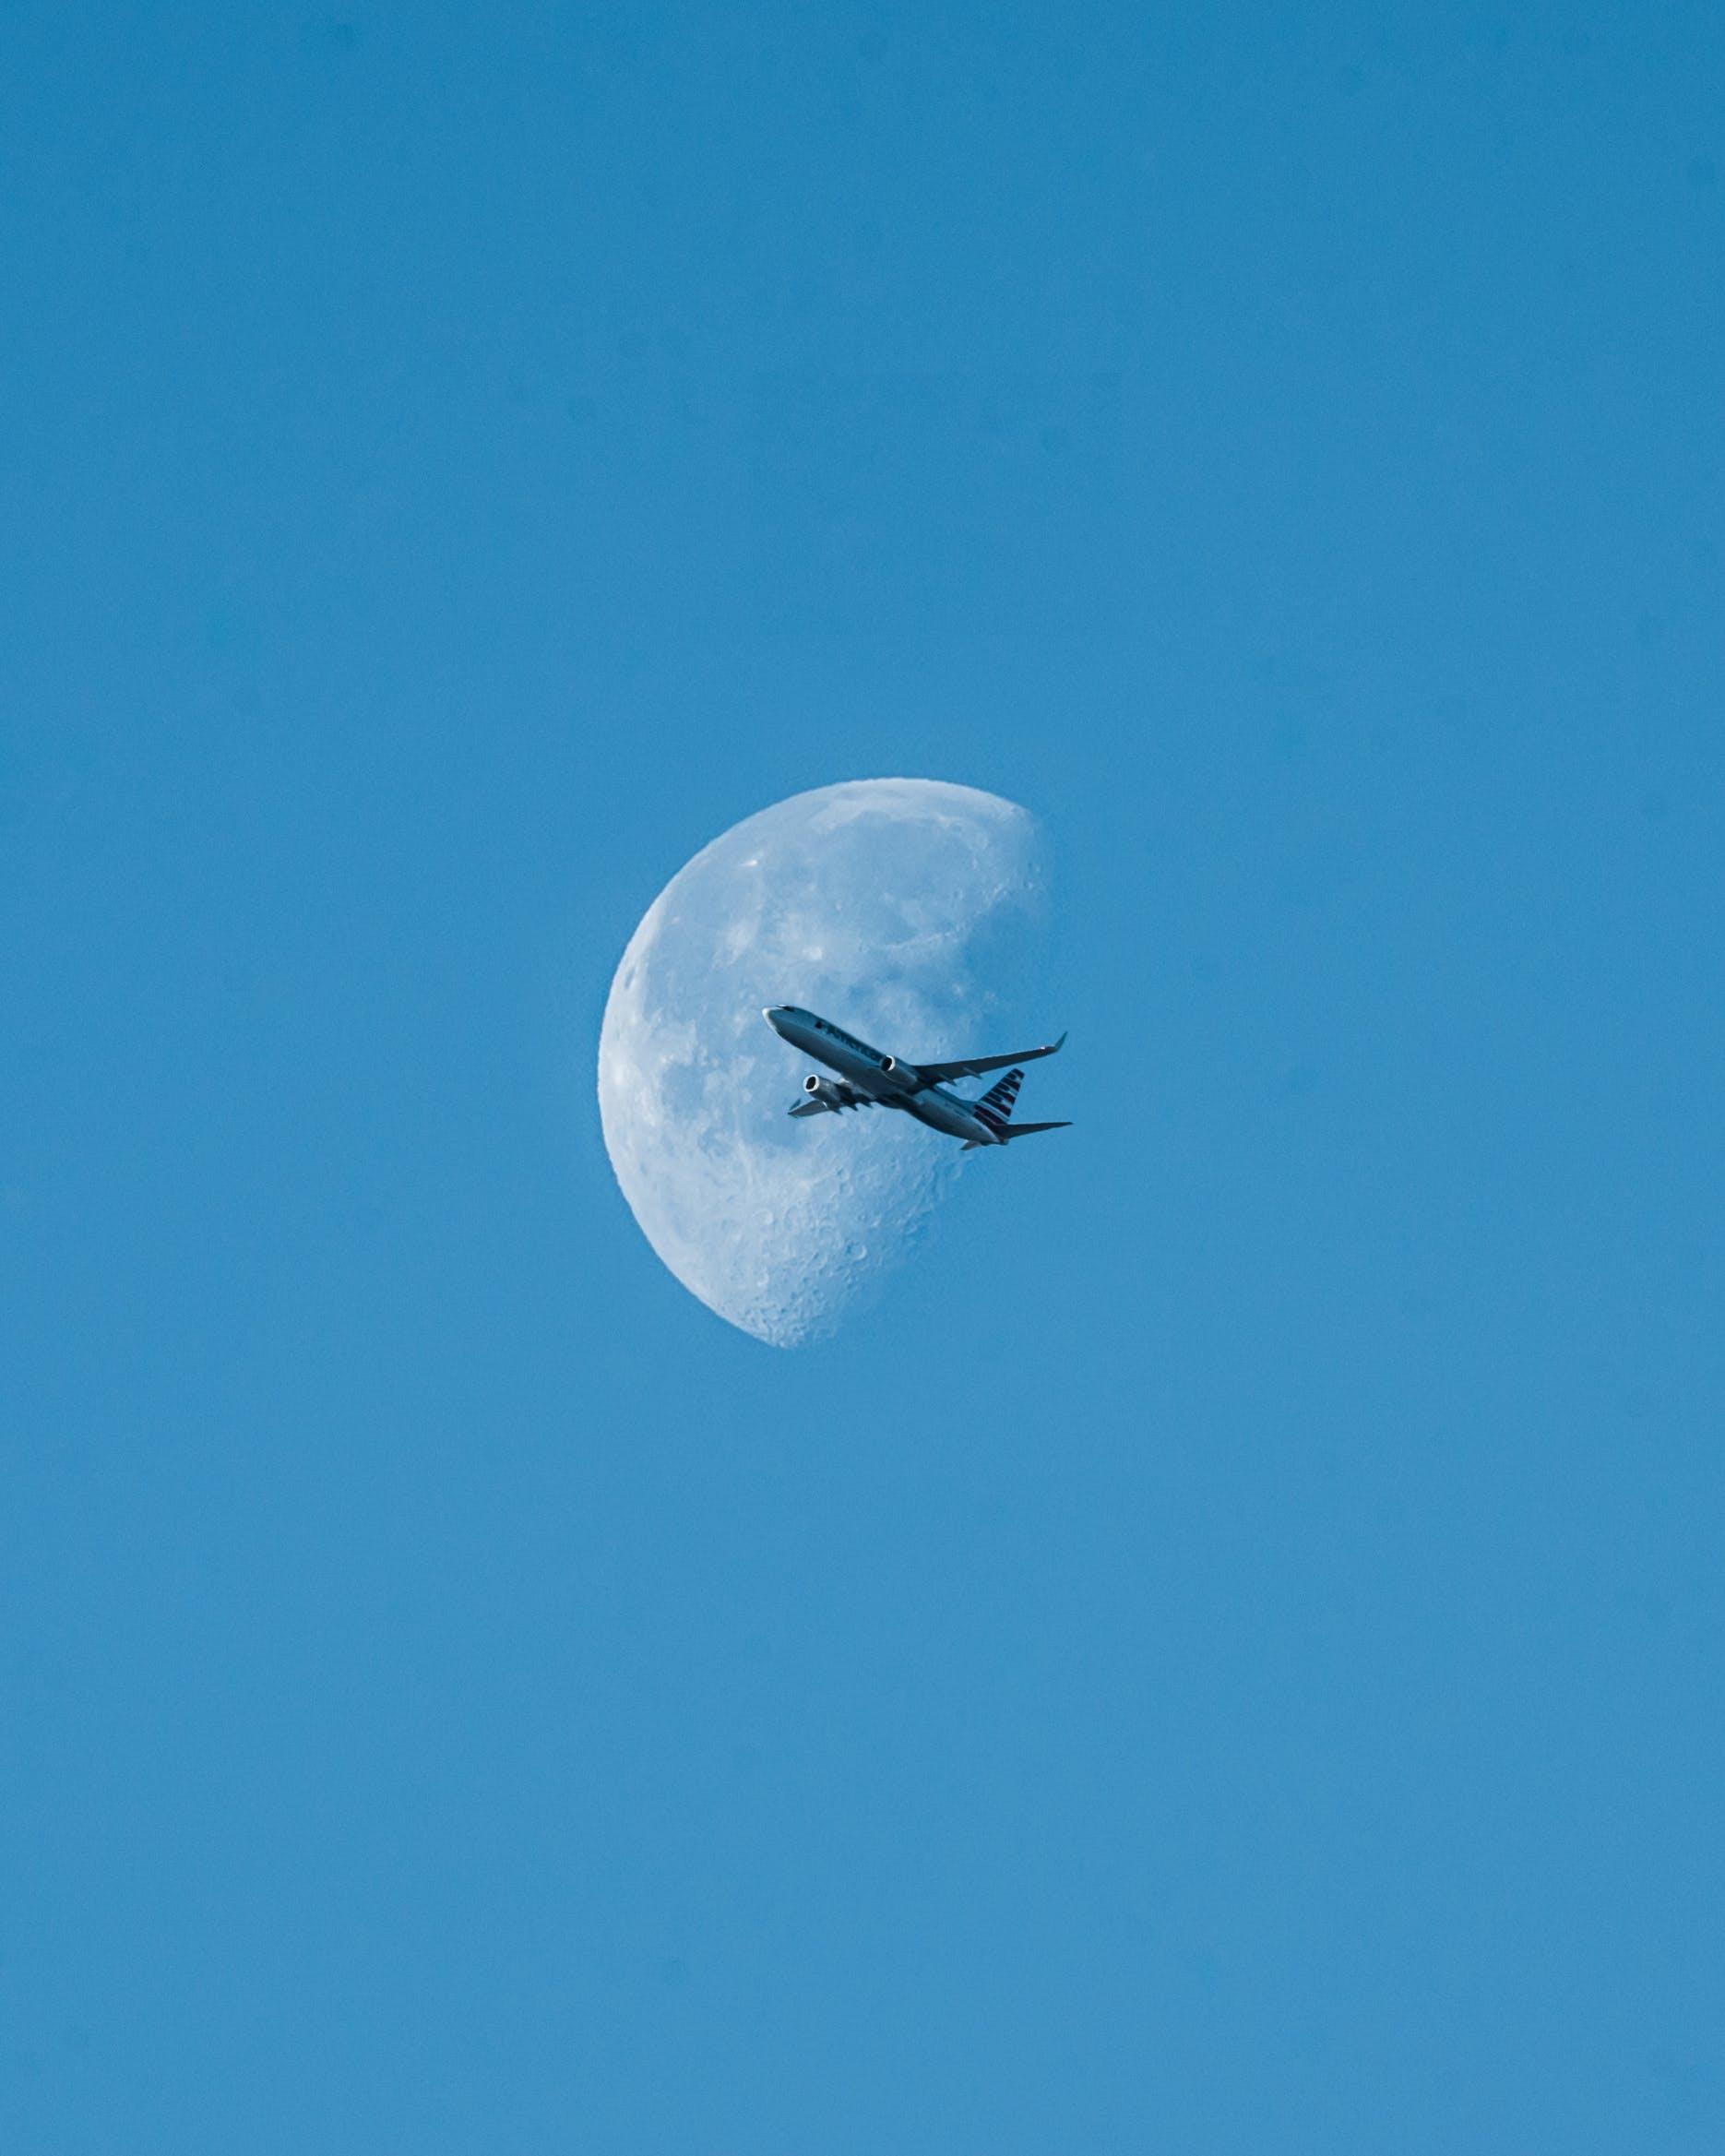 dagslys, fly, flyging